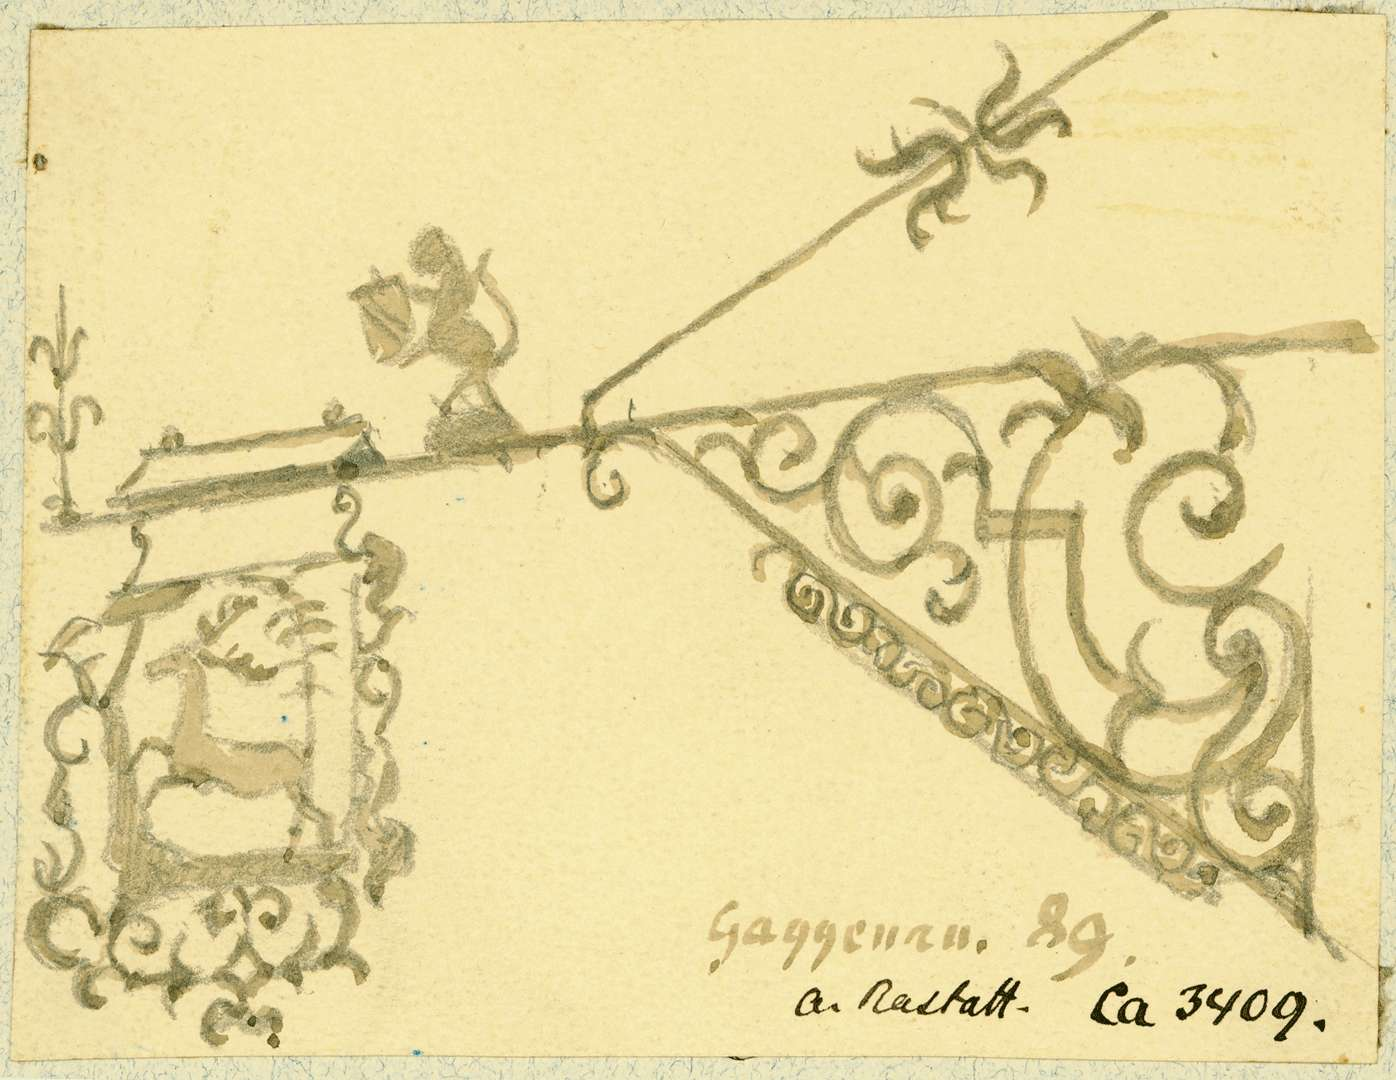 Gaggenau Wirtshausschild Zum Hirsch, Bild 1